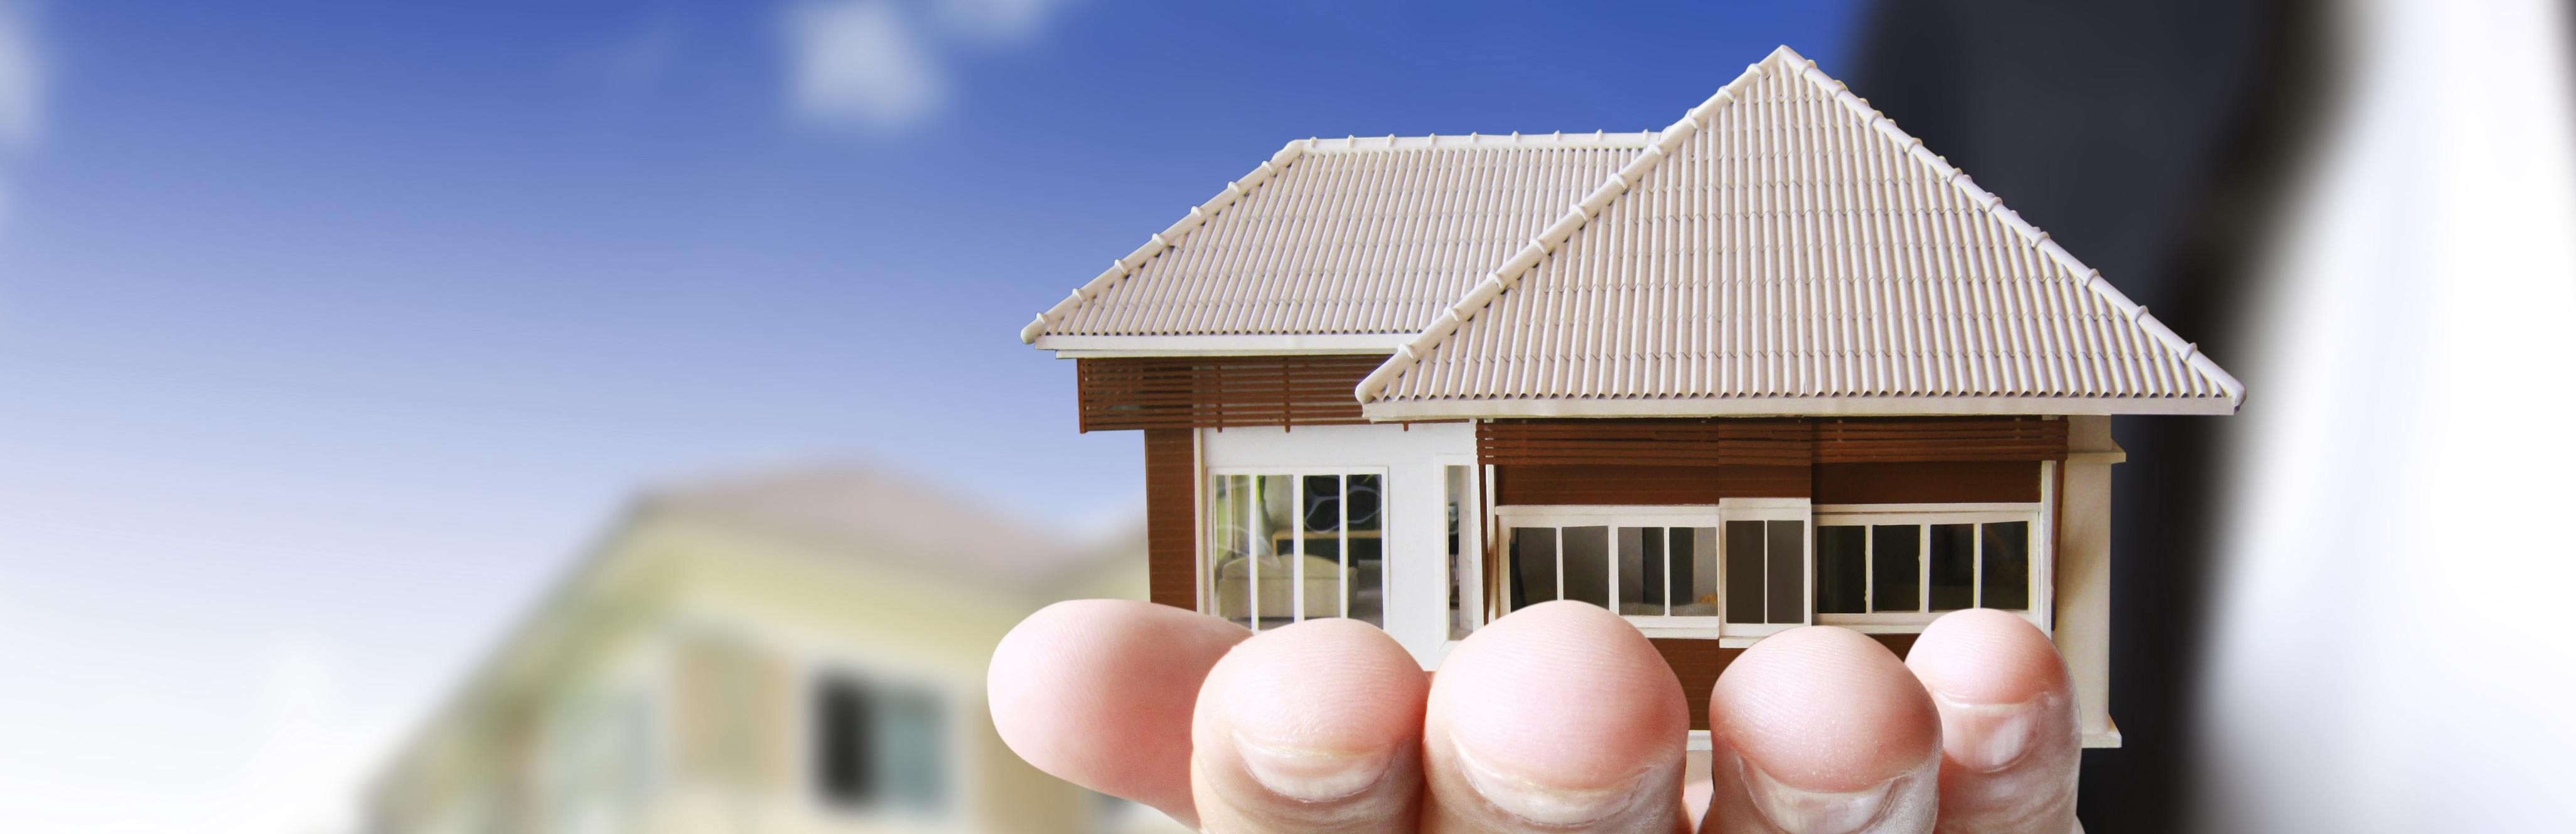 Luật sư doanh nghiệp 25/03/2014: Dự thảo luật kinh doanh bất động sản